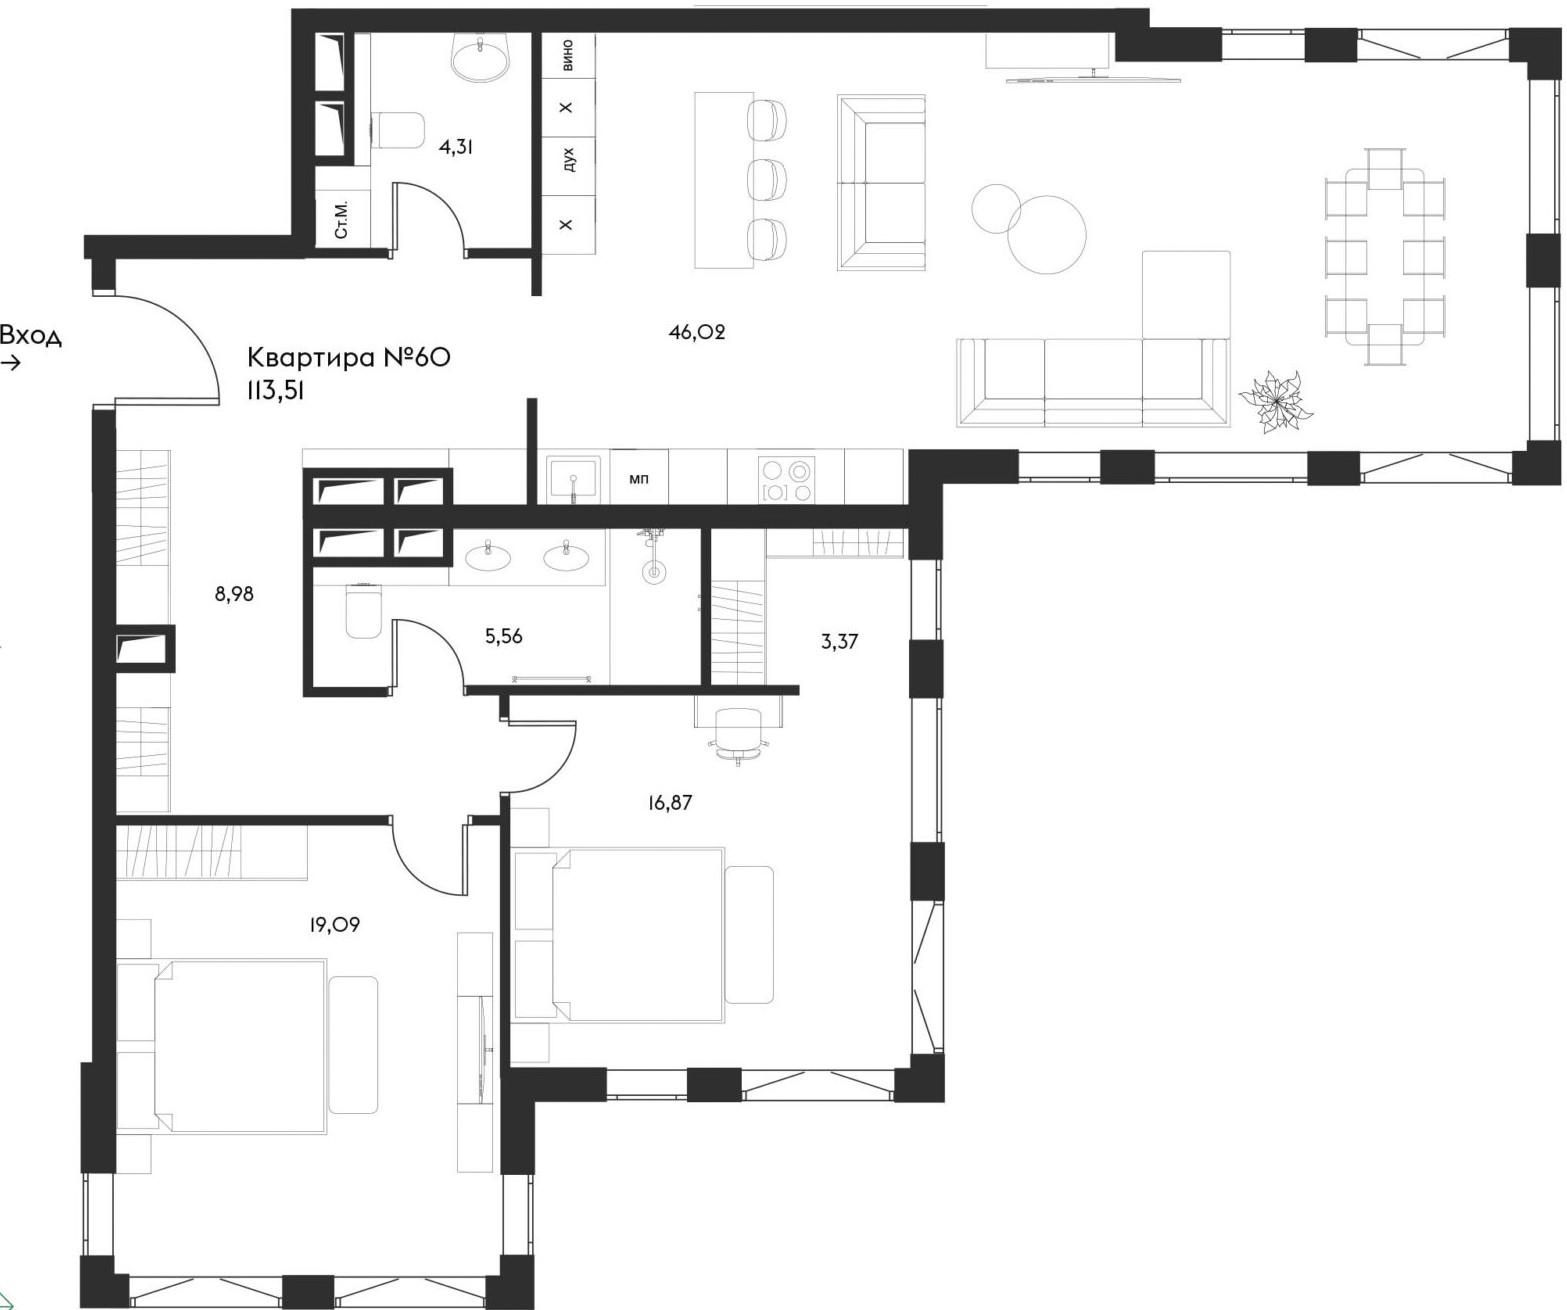 3Е-комнатная, 113.51 м²– 2